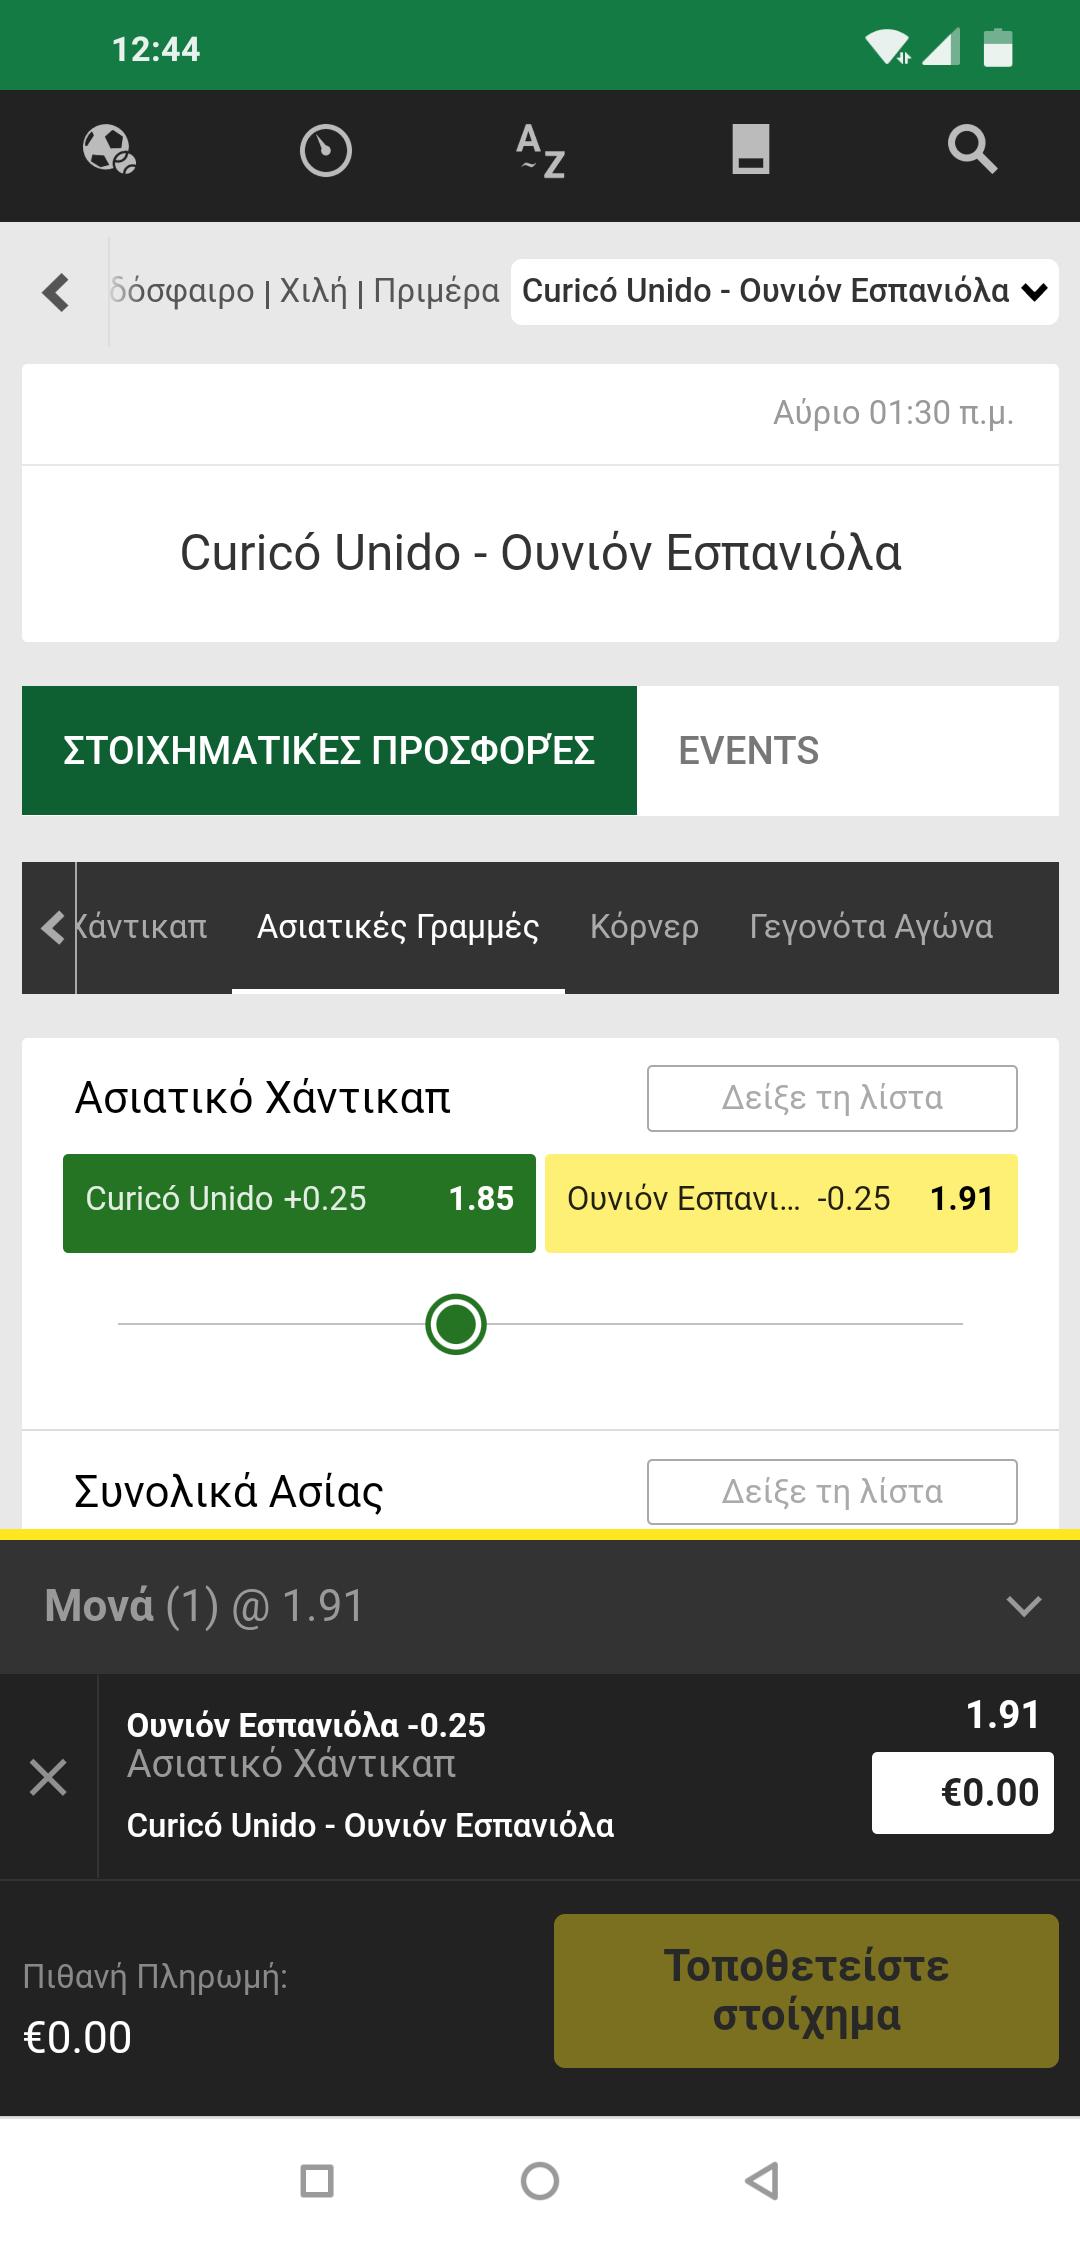 Screenshot_2020-12-21-12-44-11-423_com.android.chrome.png